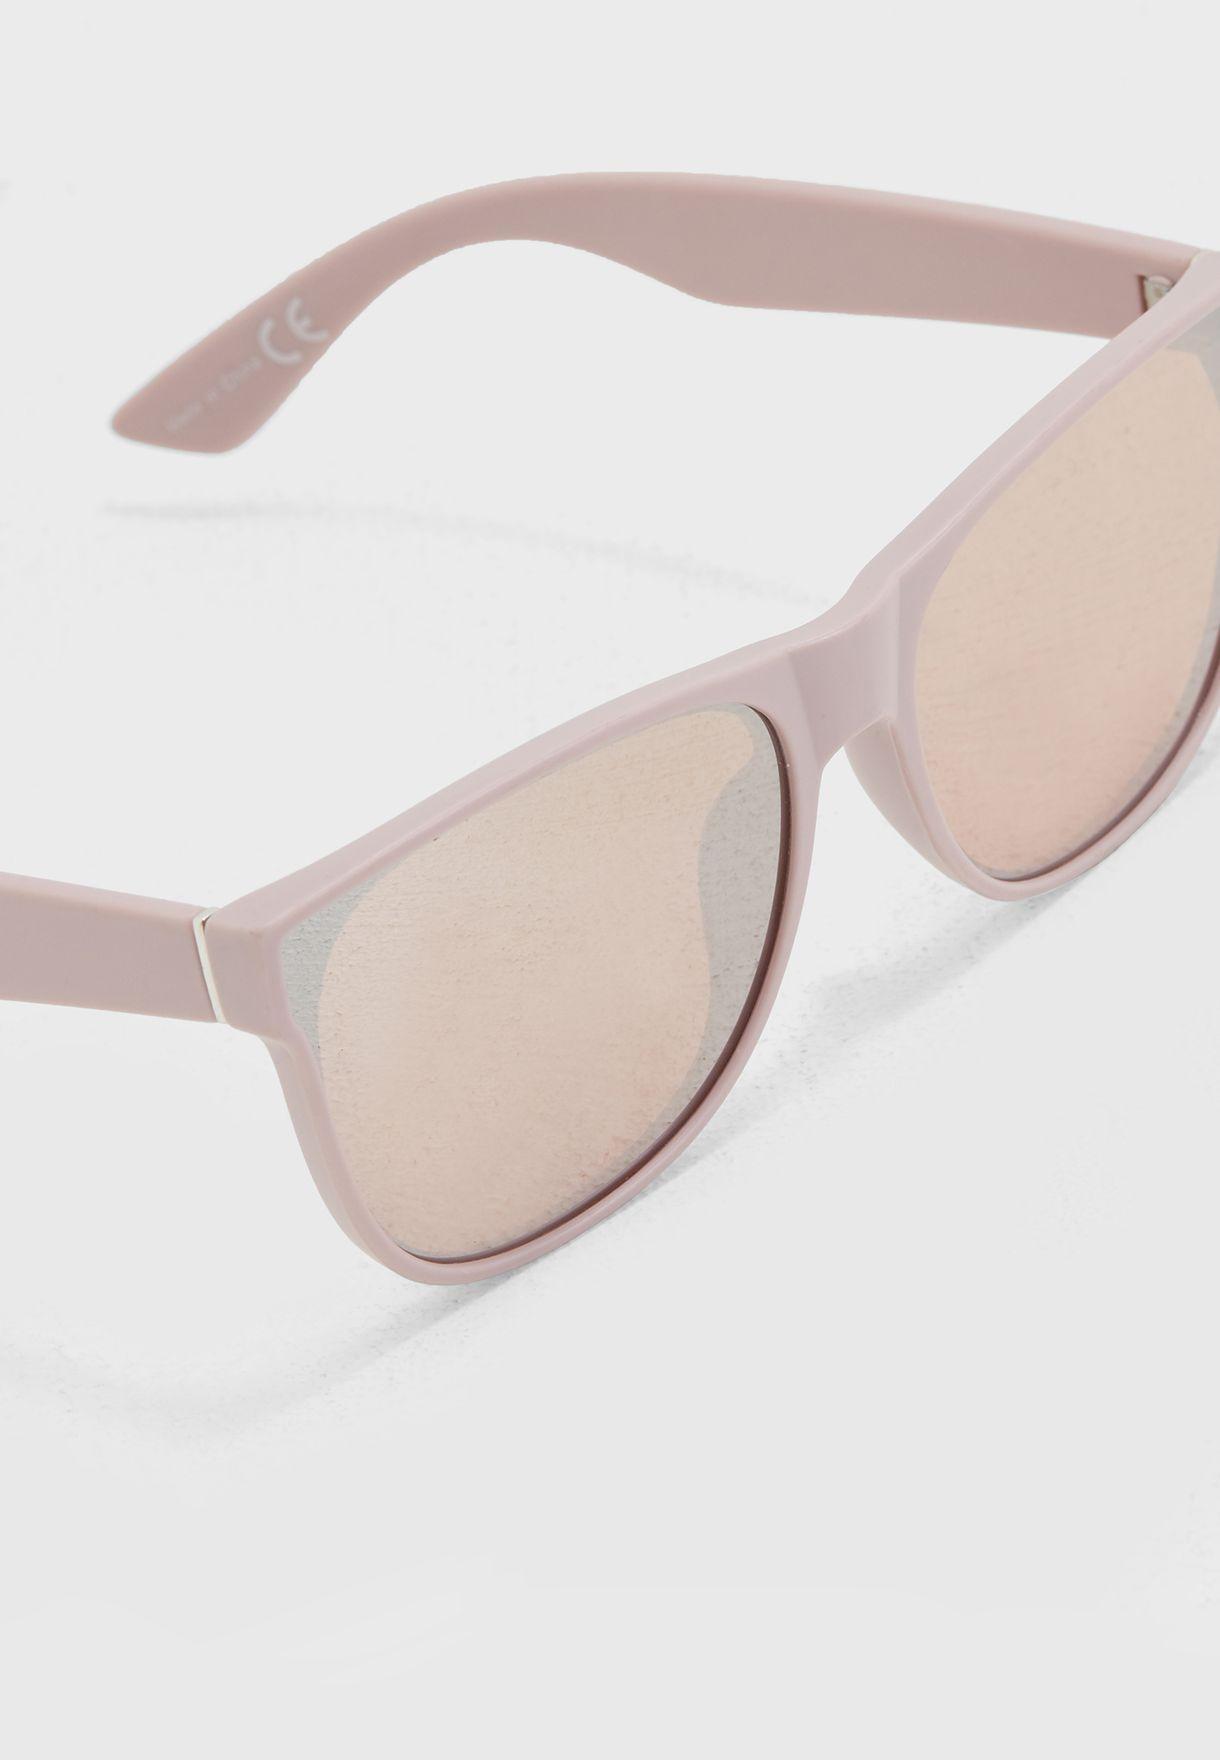 de8a8ef9a06 Shop Aldo purple Brantson Square Sunglasses BRANTSON52 for Men in ...